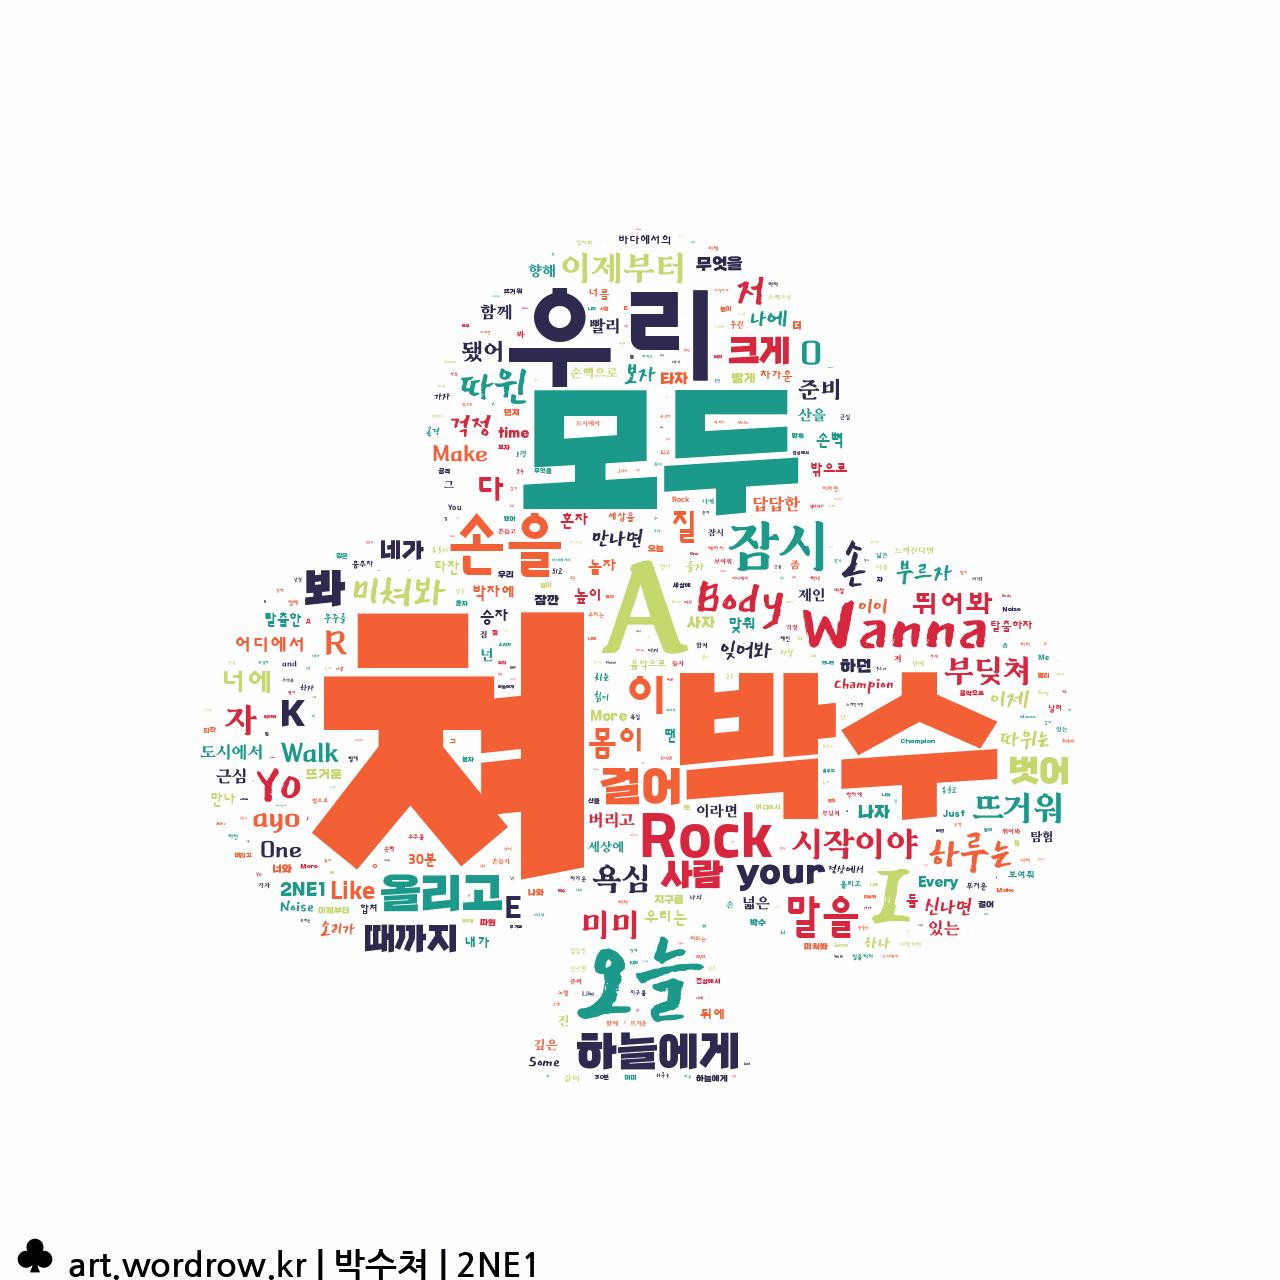 워드 아트: 박수쳐 [2NE1]-66